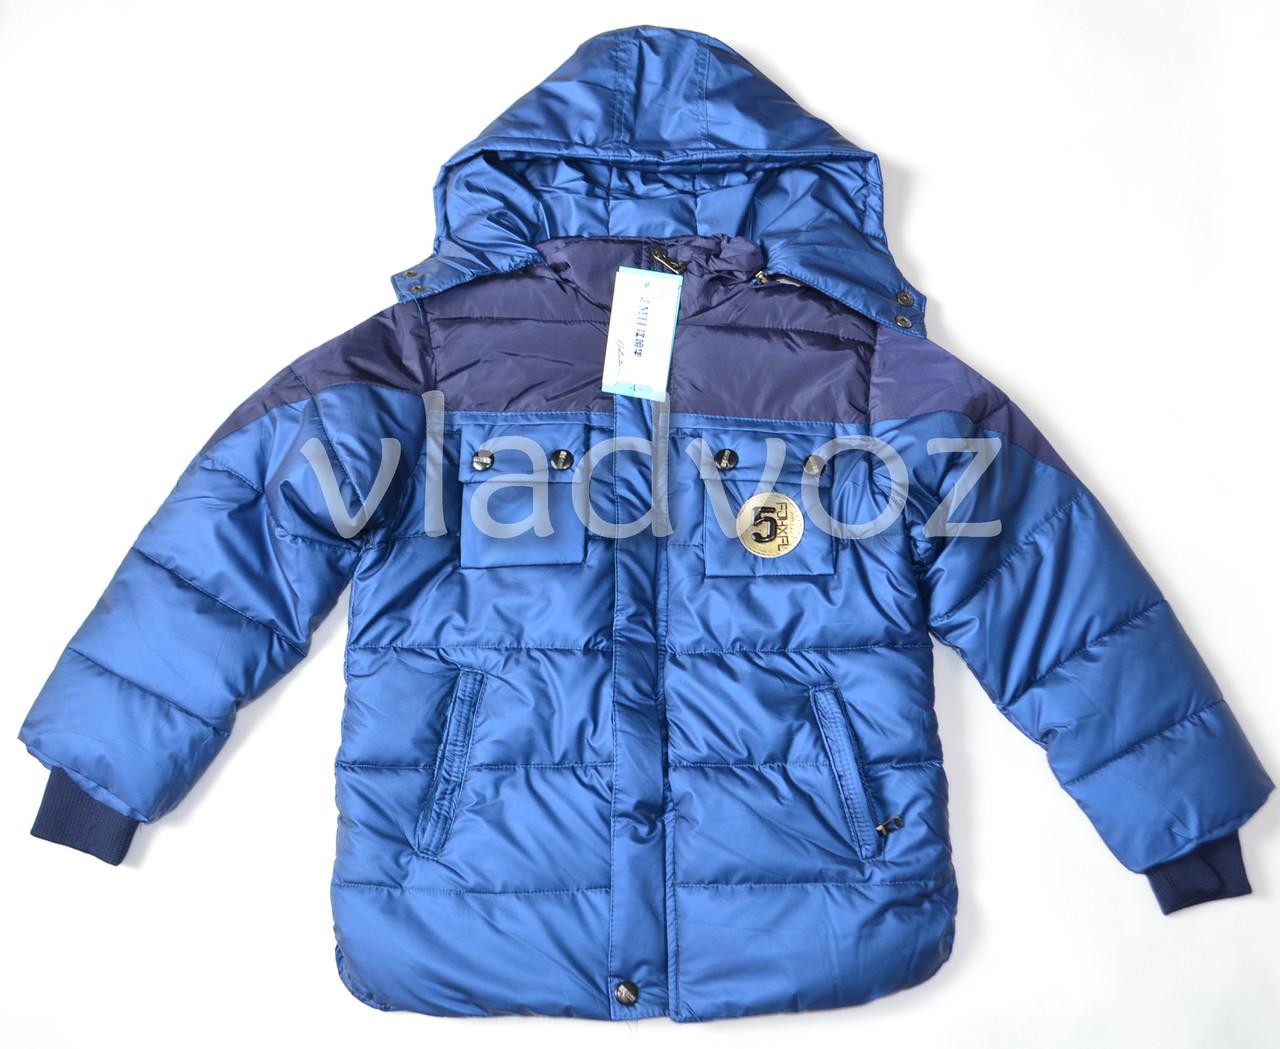 Детская зимняя куртка утепленная на зиму куртка для мальчика синяя 11-12 лет